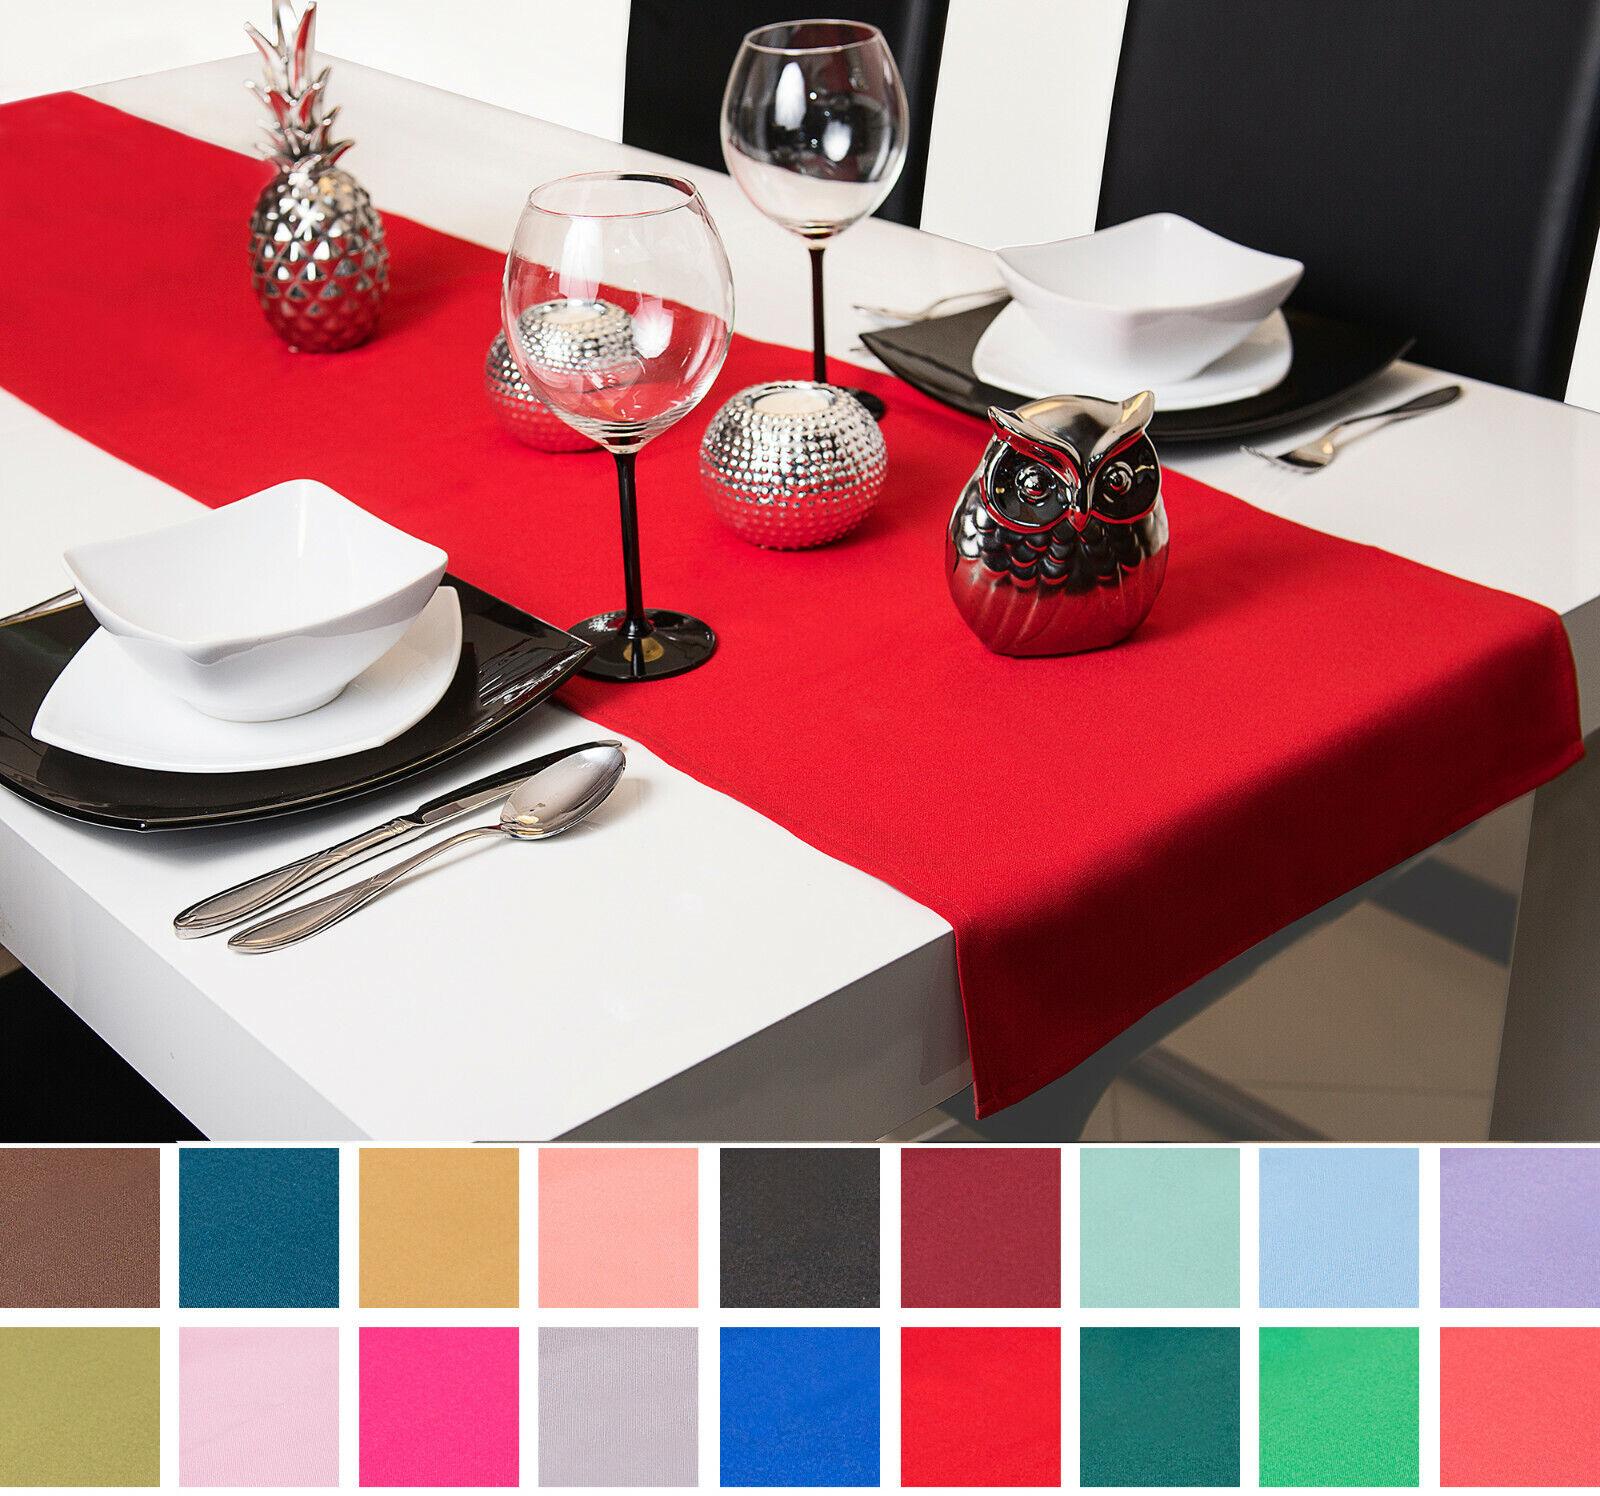 Tischdecke Tischläufer Tischband Tischtuch 40x120 40x140 40x150 Blumen